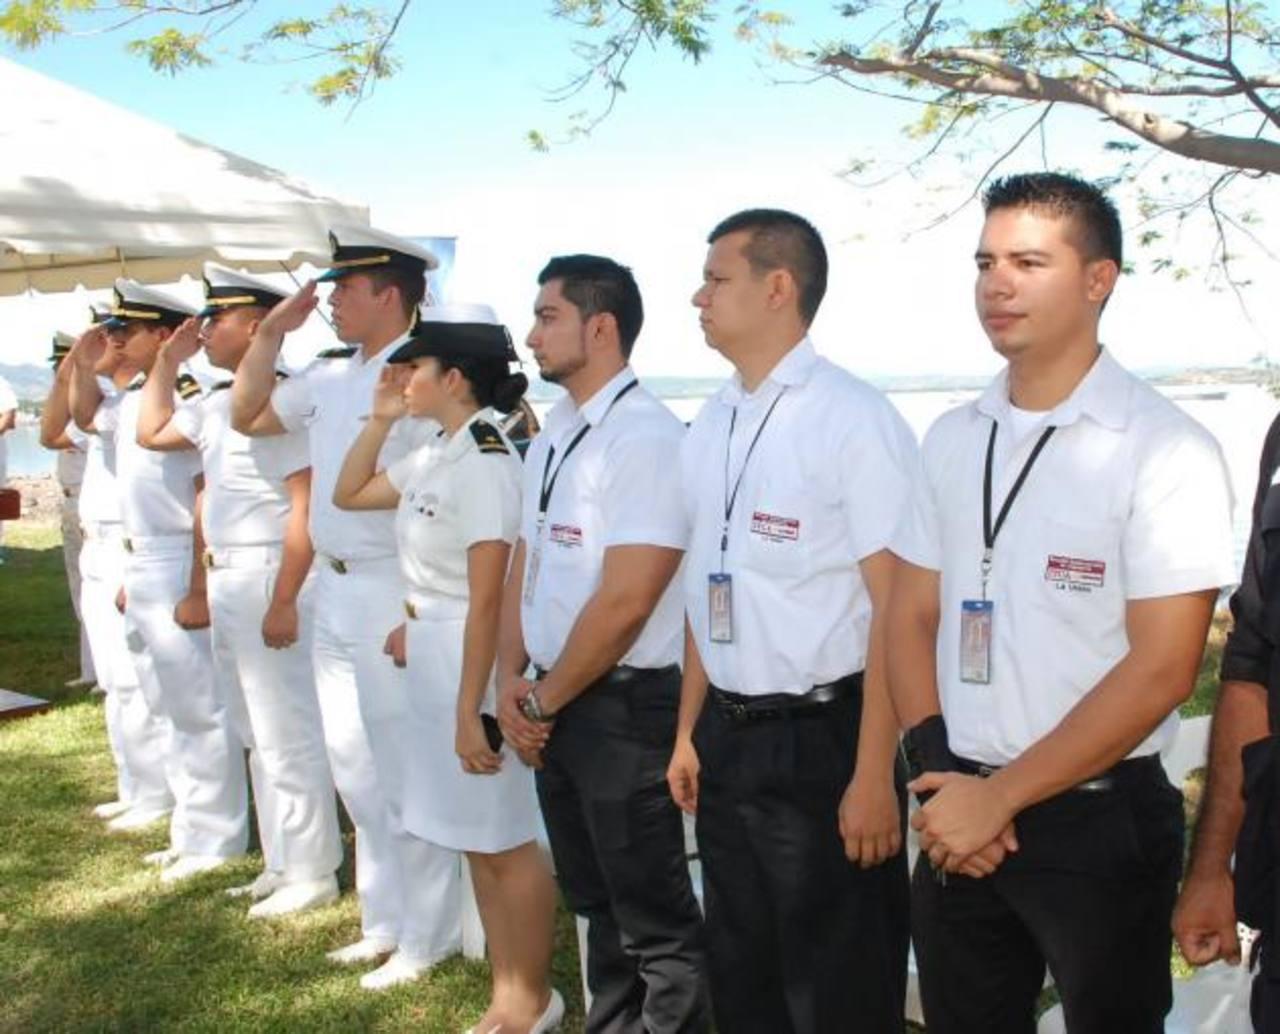 Los instructores encargados de preparar a los nuevos marinos participaron como primer grupo de adiestrados en la nueva sede. fotos edh / insy mendoza